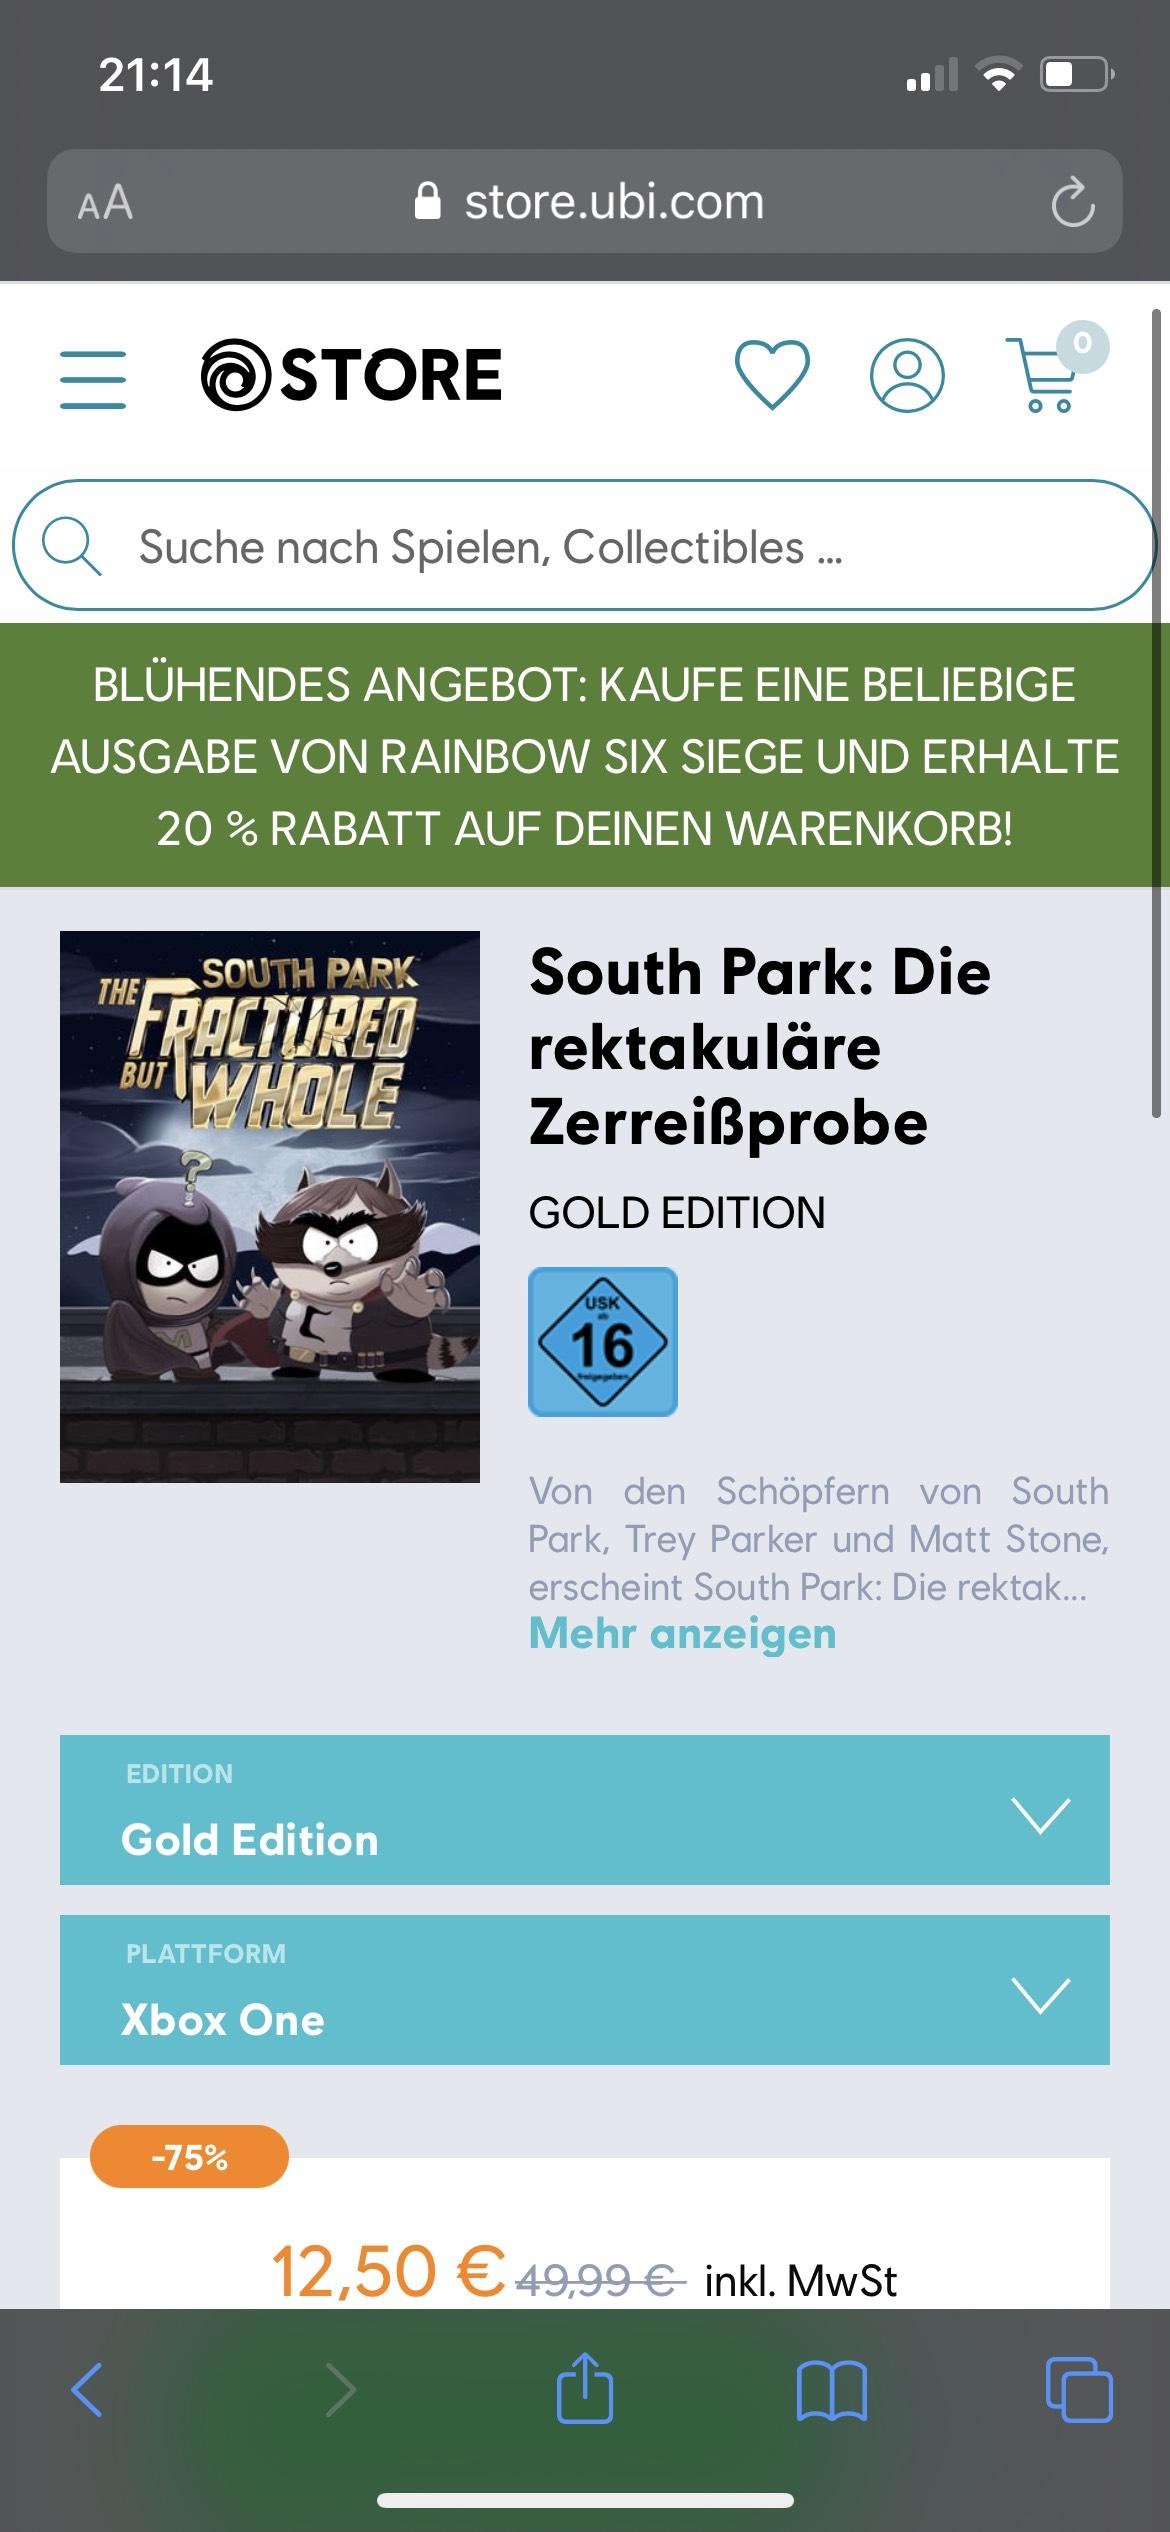 South Park: Die rektakuläre Zerreißprobe Gold Edition (Xbox One Spiele)